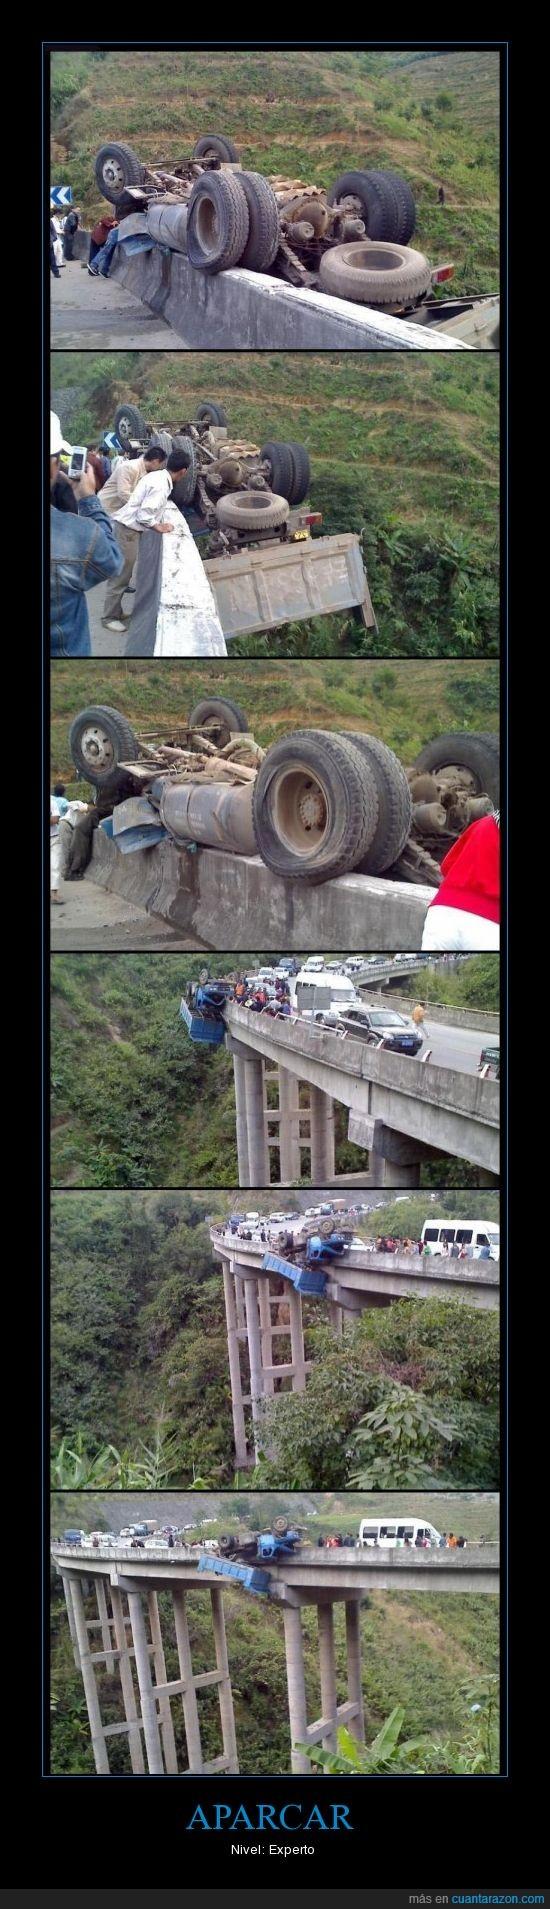 aparcar,coche,puente